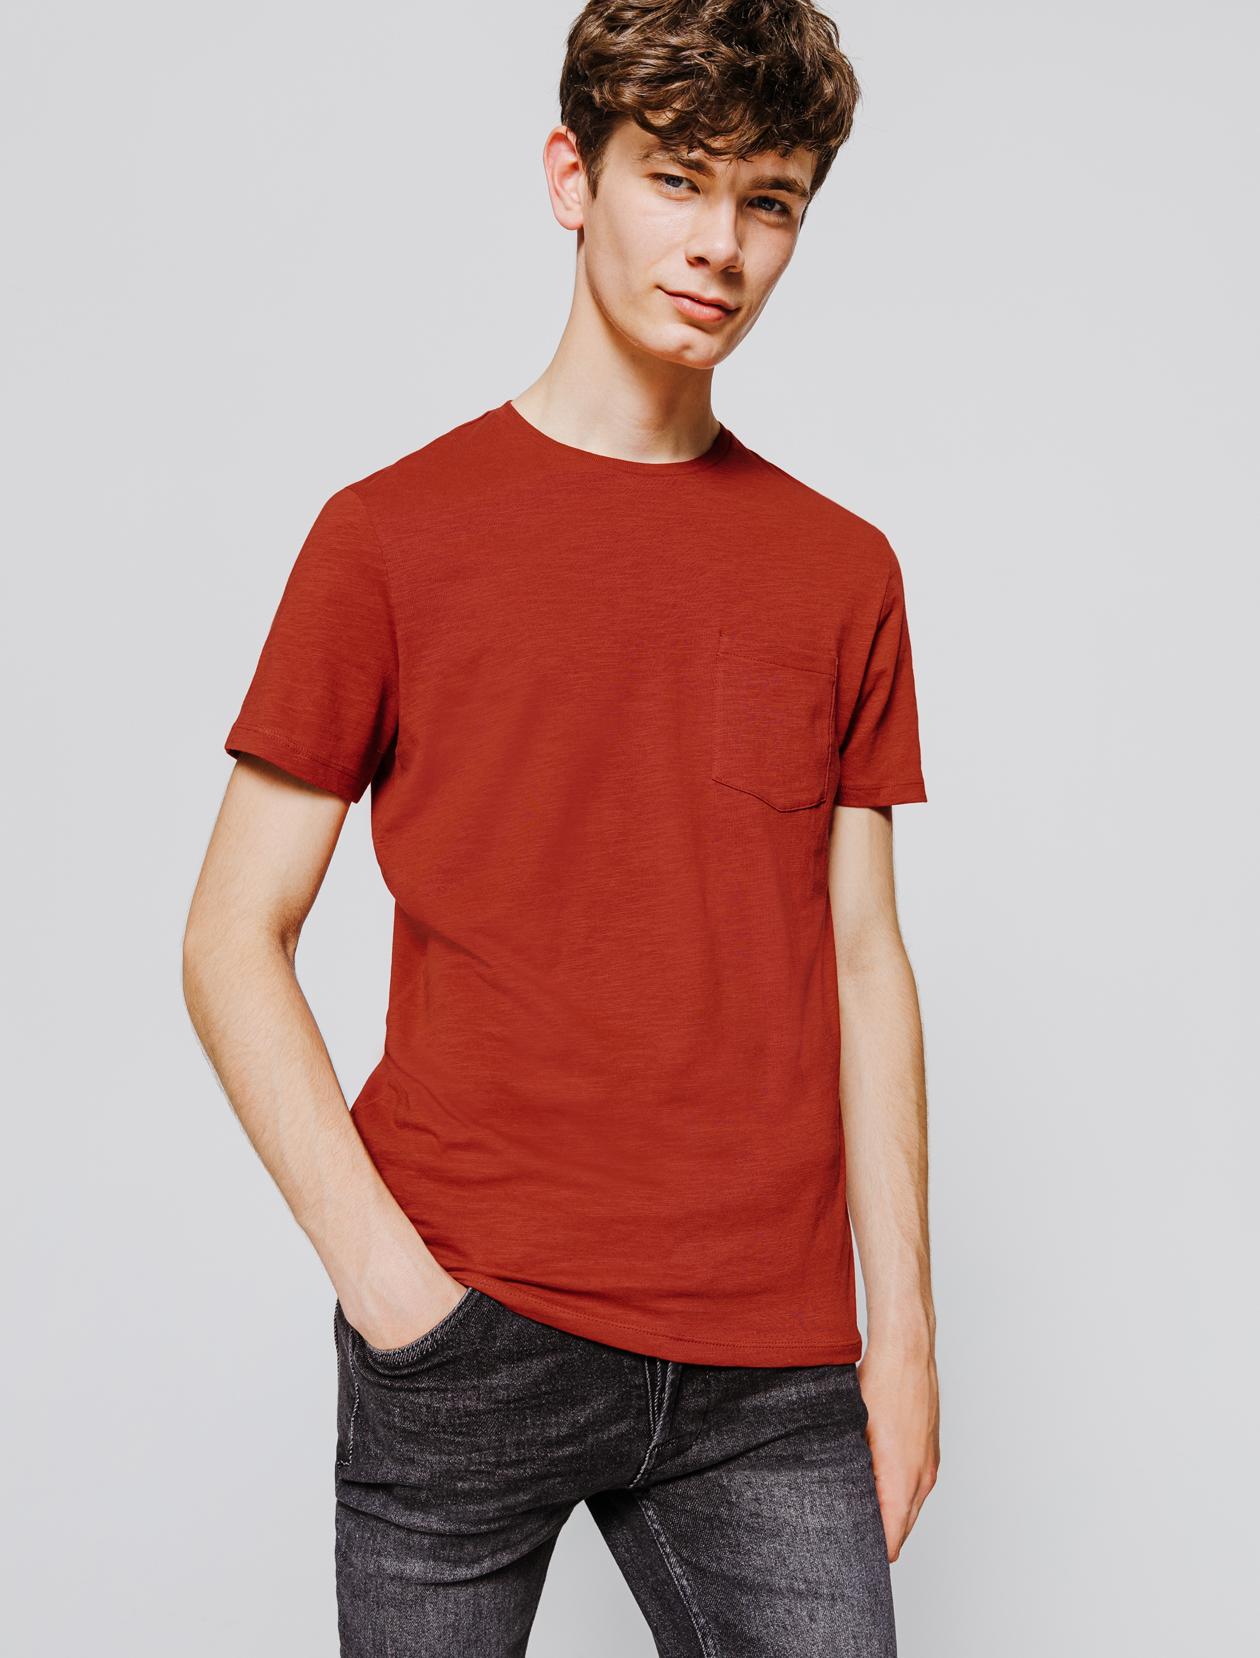 T-shirt uni poche poitrine homme